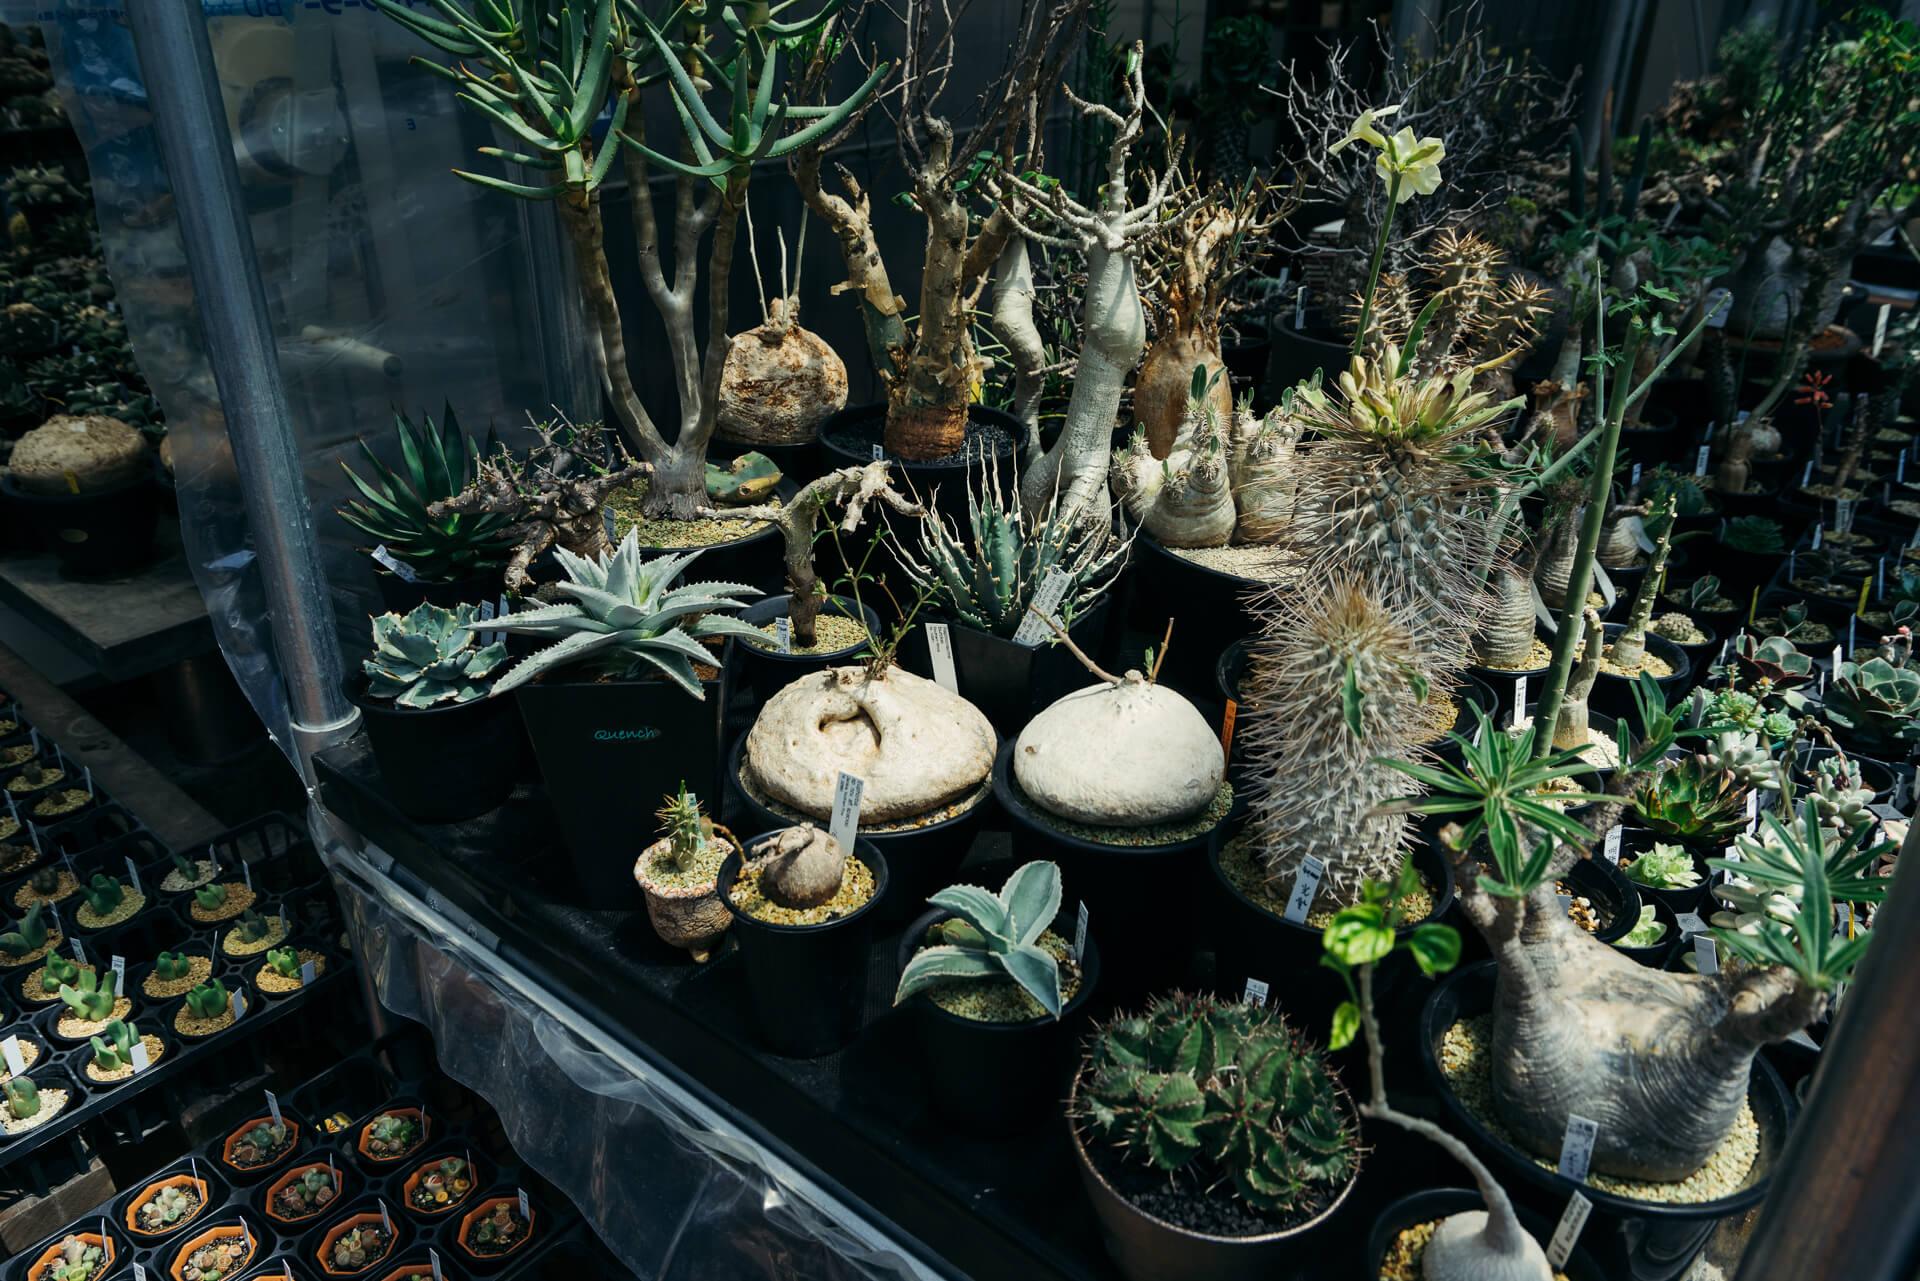 奇抜な姿が最近人気を集める塊根植物も多数そろいます。